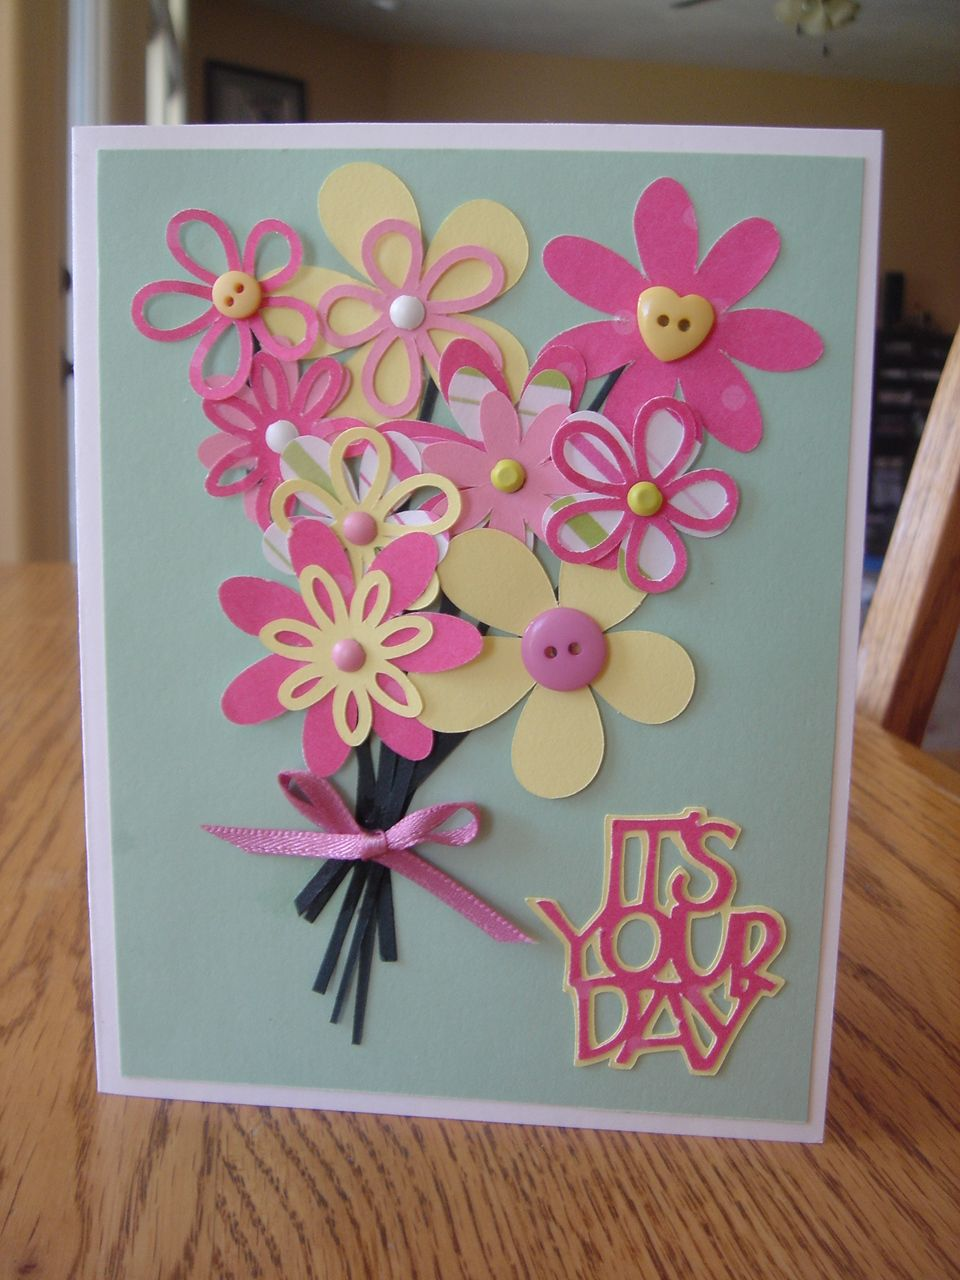 Мастер-класс открытки к дню матери декоративно-прикладное, картинка картинки